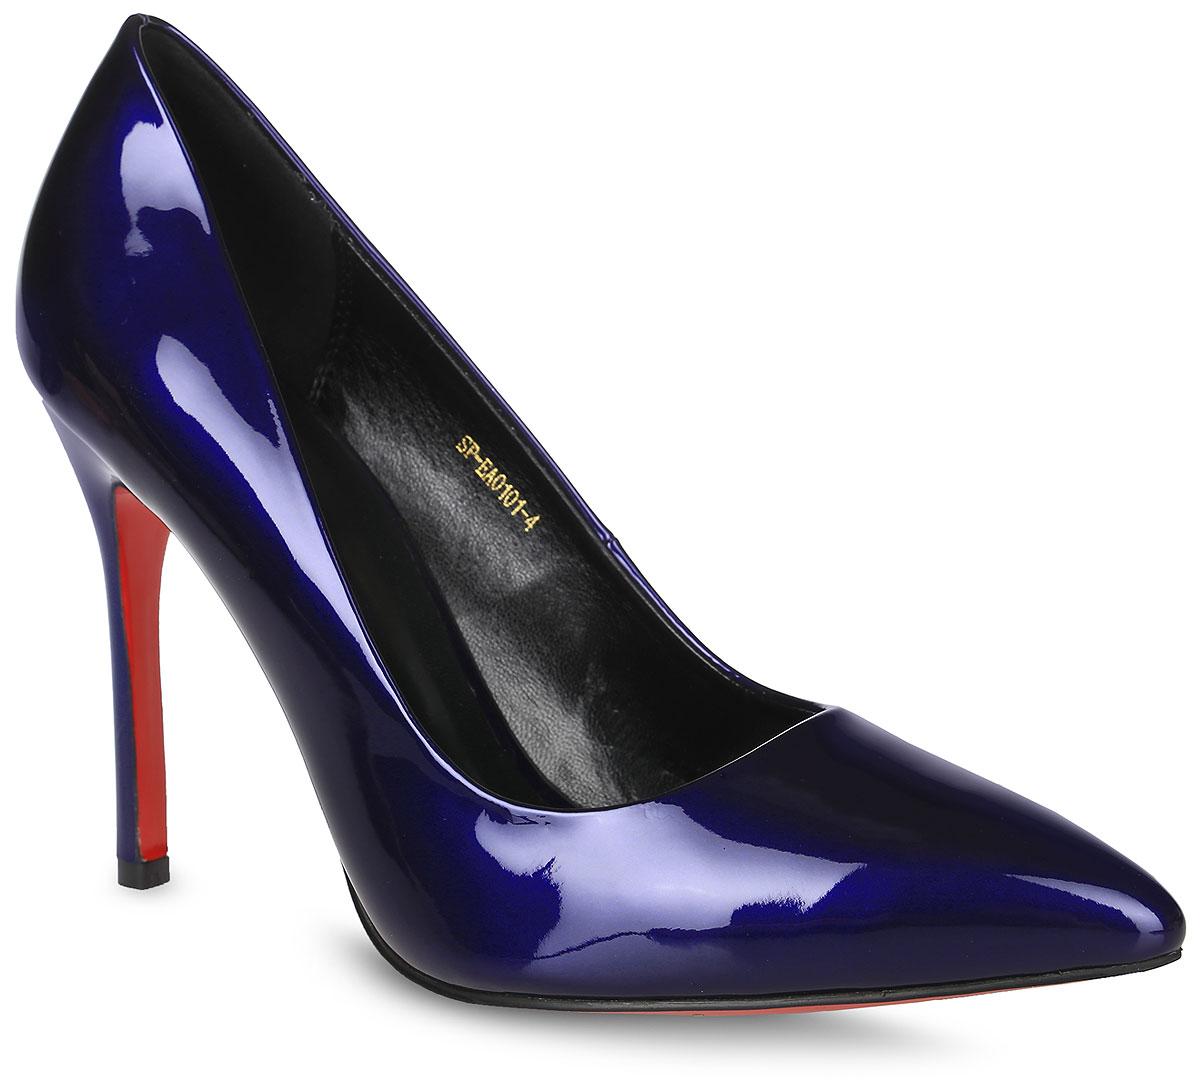 Туфли женские LK Collection, цвет: синий. SP-EA0101-4. Размер 40SP-EA0101-4Элегантные туфли выполнены из искусственной лаковой кожи. Стелька выполнена из натуральной кожи, которая обеспечит комфорт при движении и предотвратит натирание. Модель оснащена высоким каблуком шпилькой. Подошва выполнена из термопластичного материала.